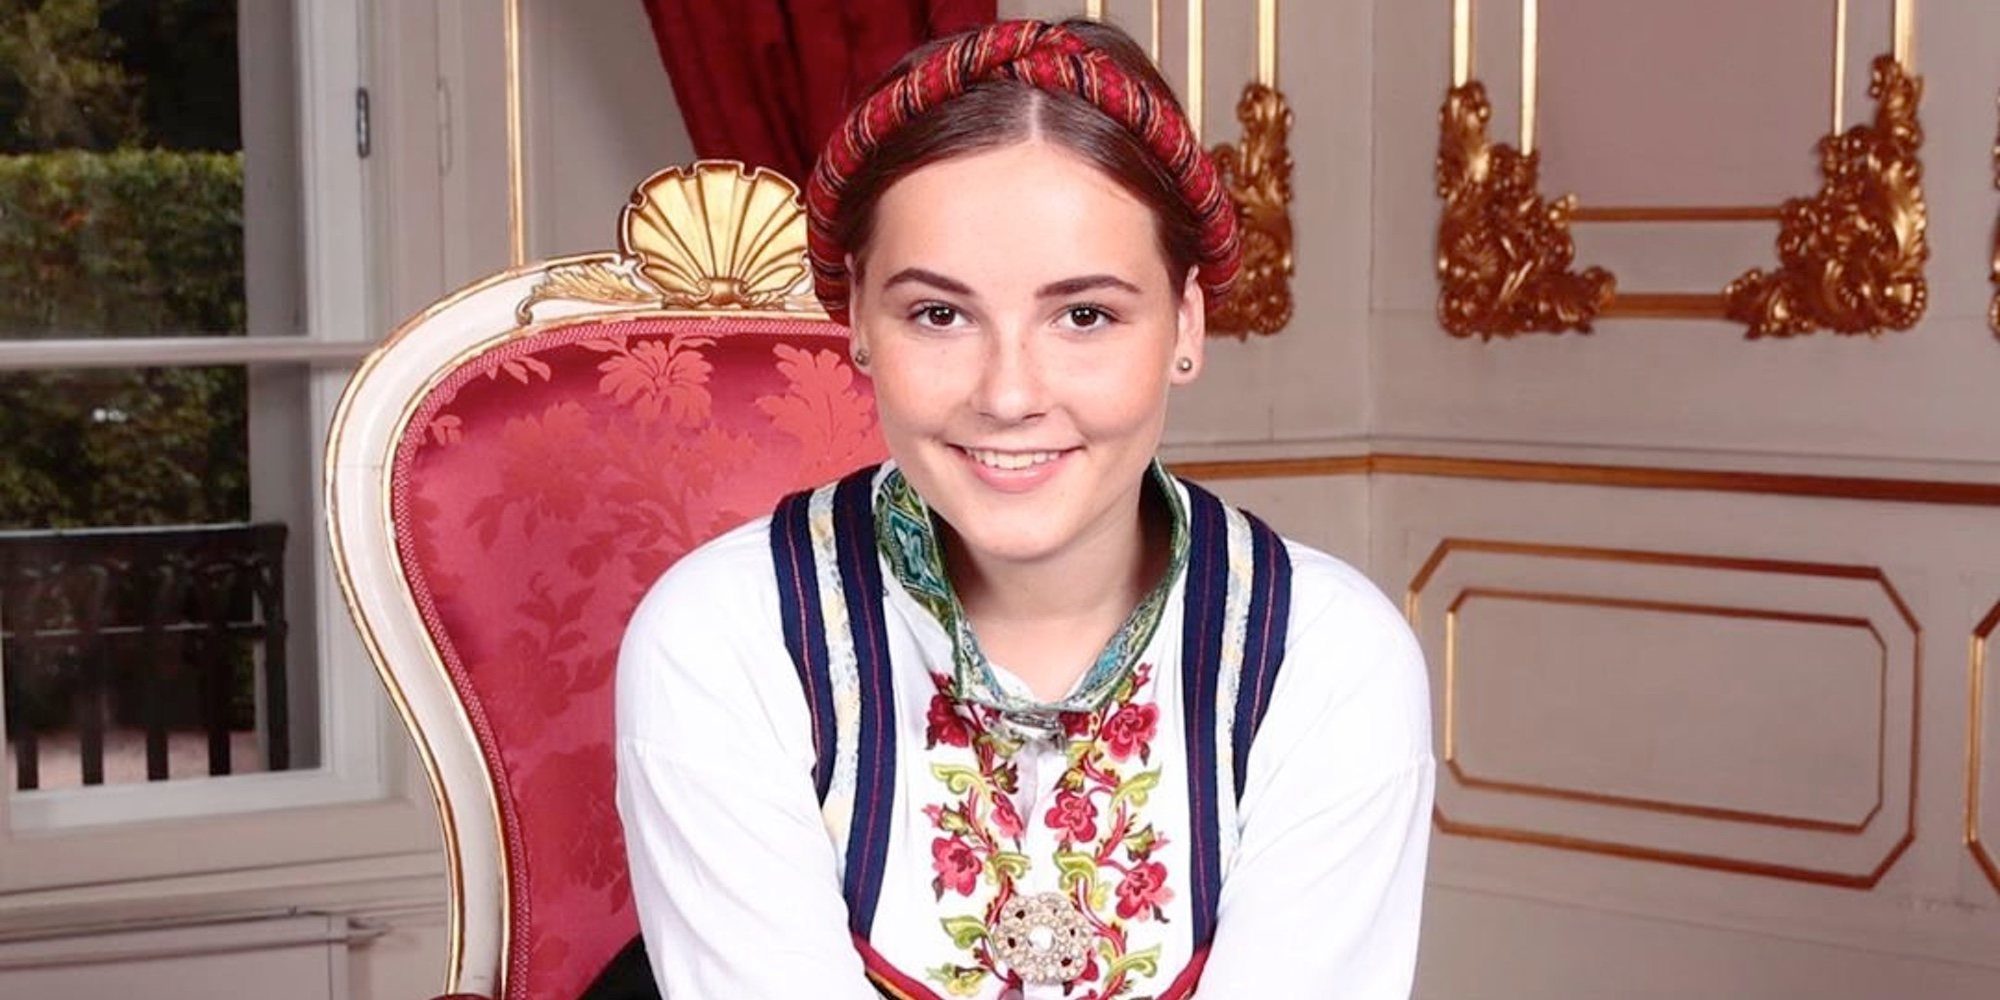 La tierna felicitación del Chamán Durek Verret a Ingrid Alexandra de Noruega por su Confirmación